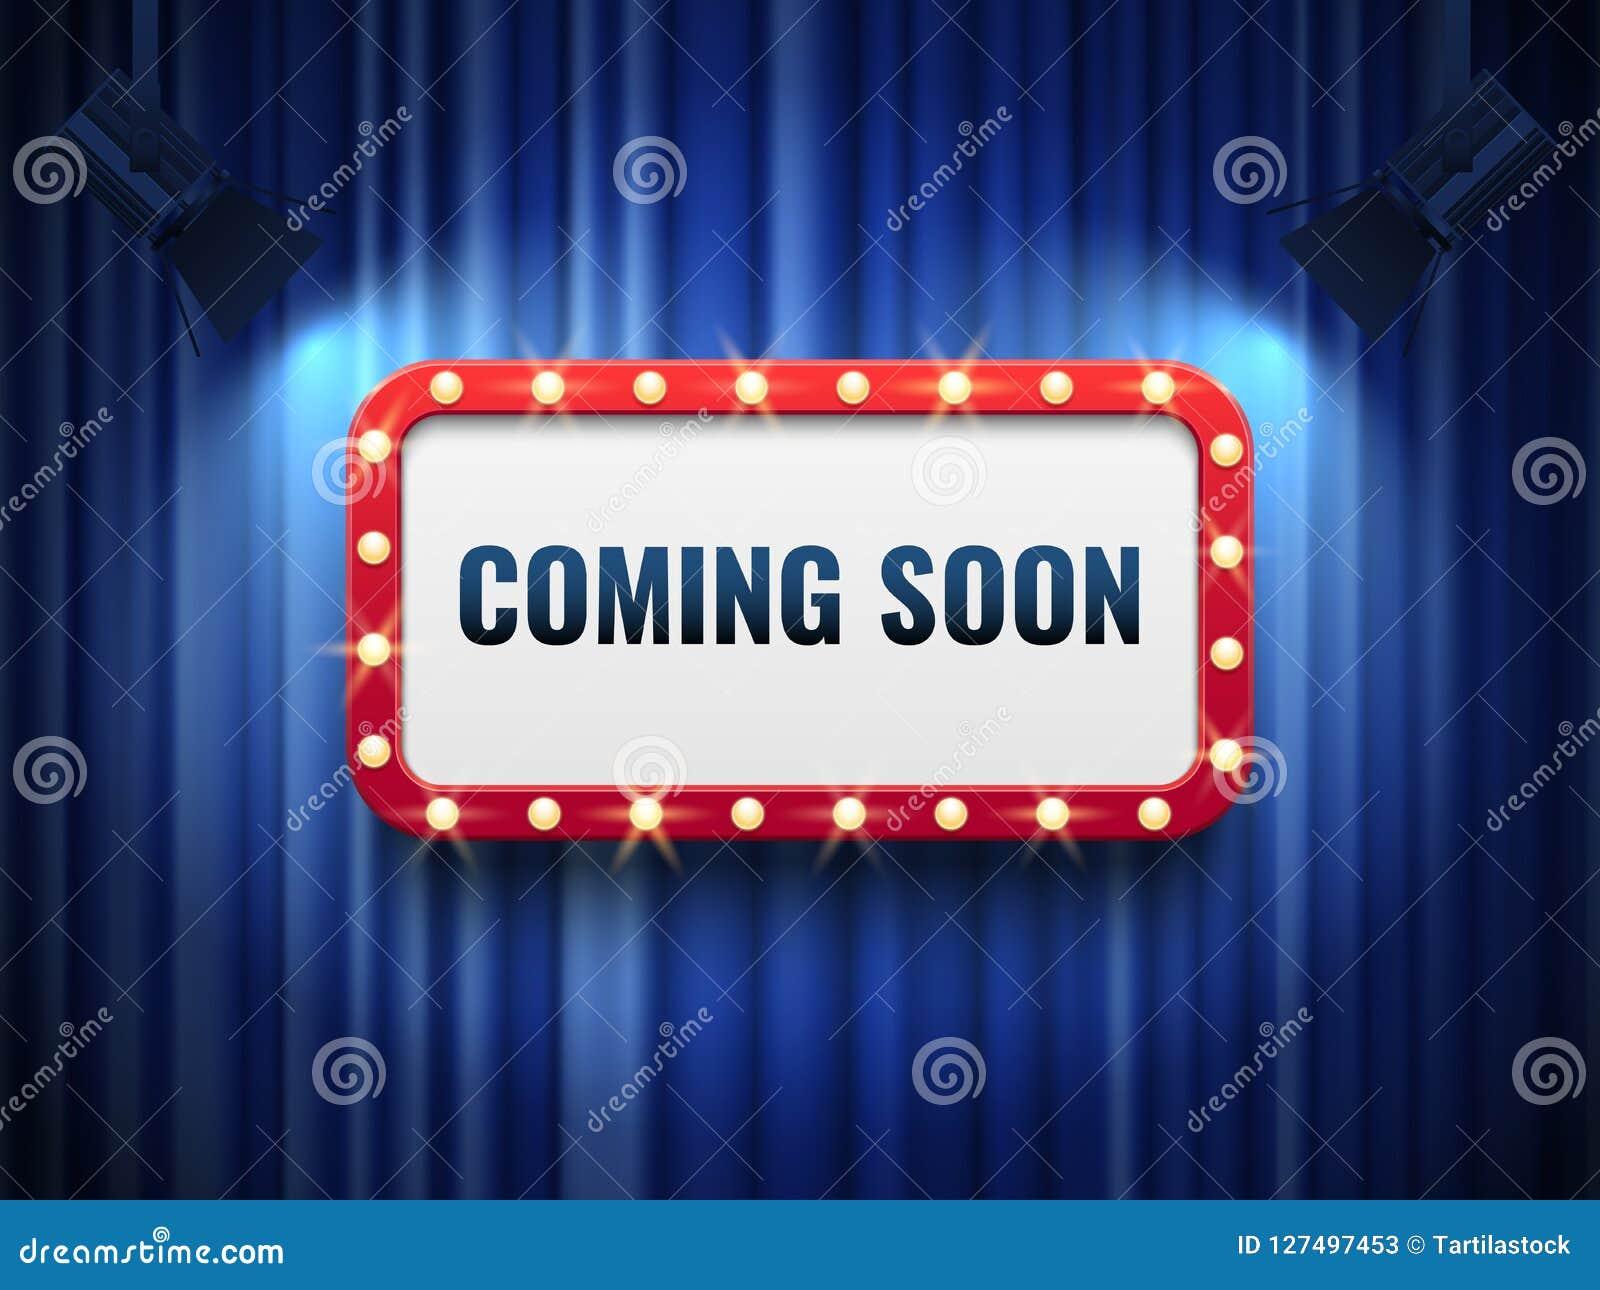 Komst spoedig achtergrond speciaal aankondigingsconcept met blauwe gordijnen, schijnwerpers en licht markttentteken Vector